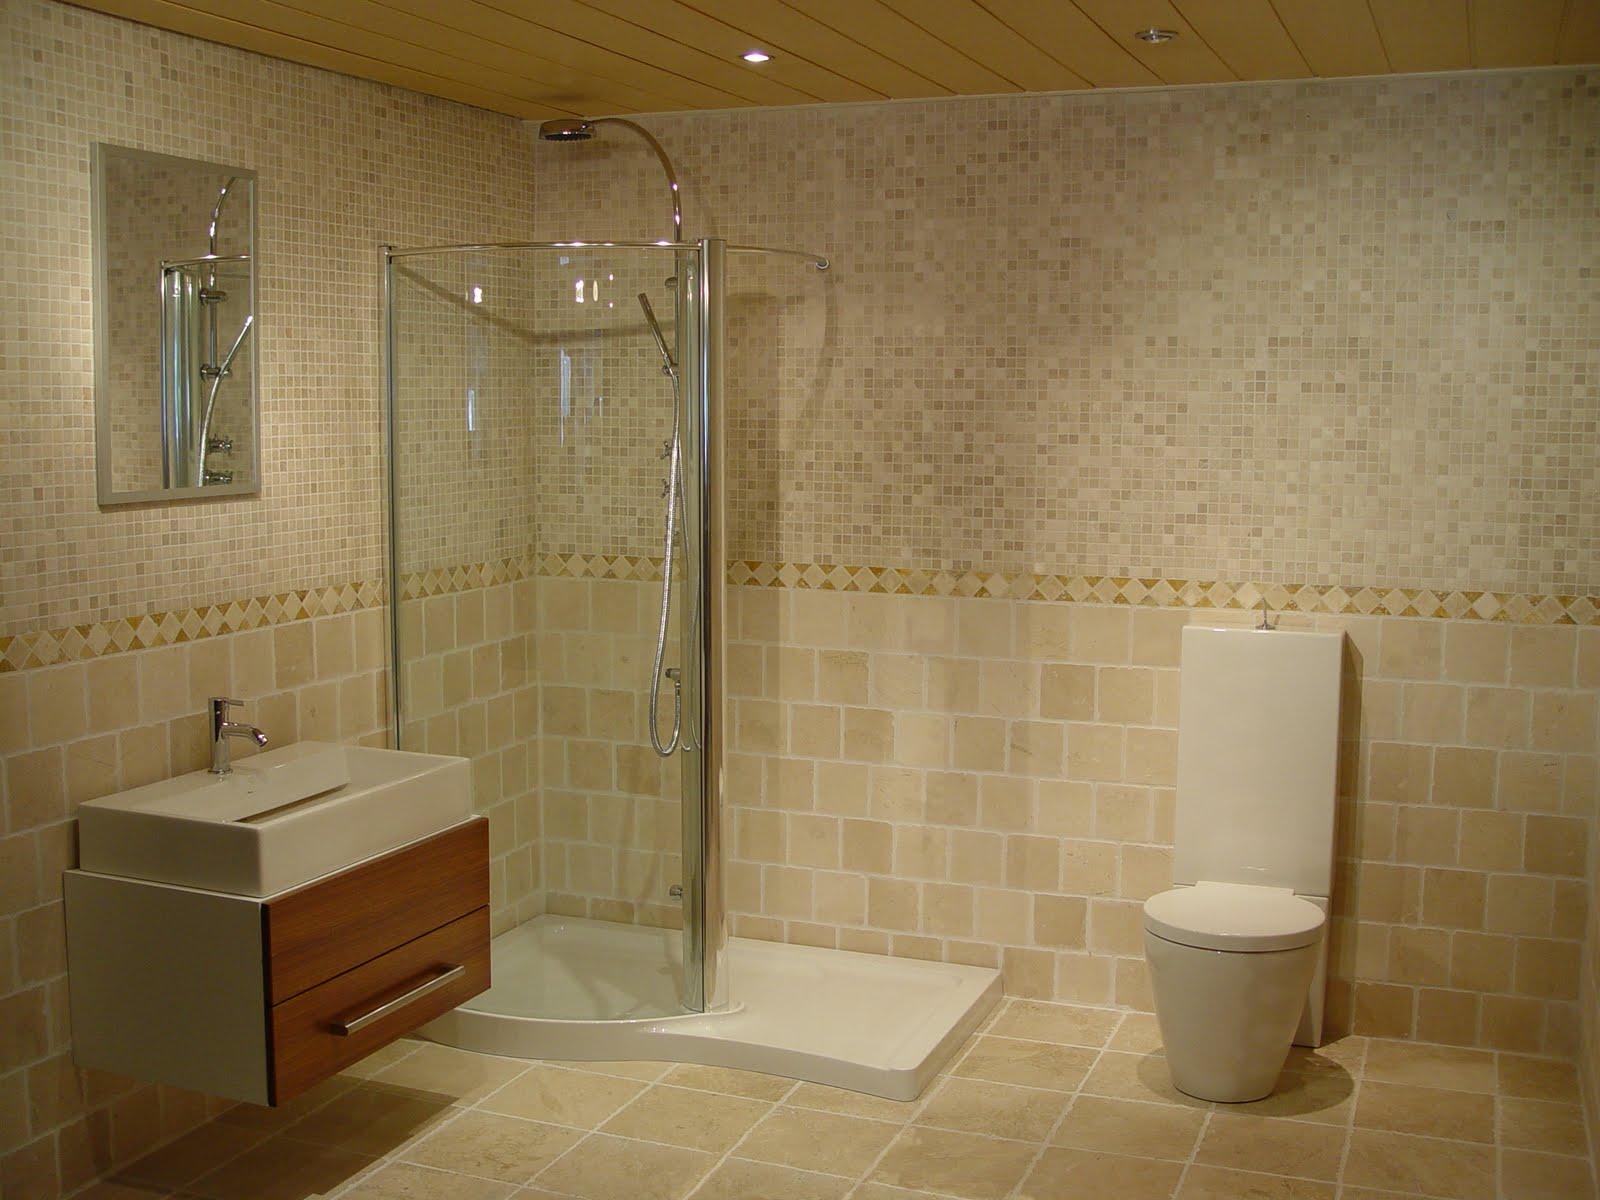 Bathroom Design Tiles Nigeria